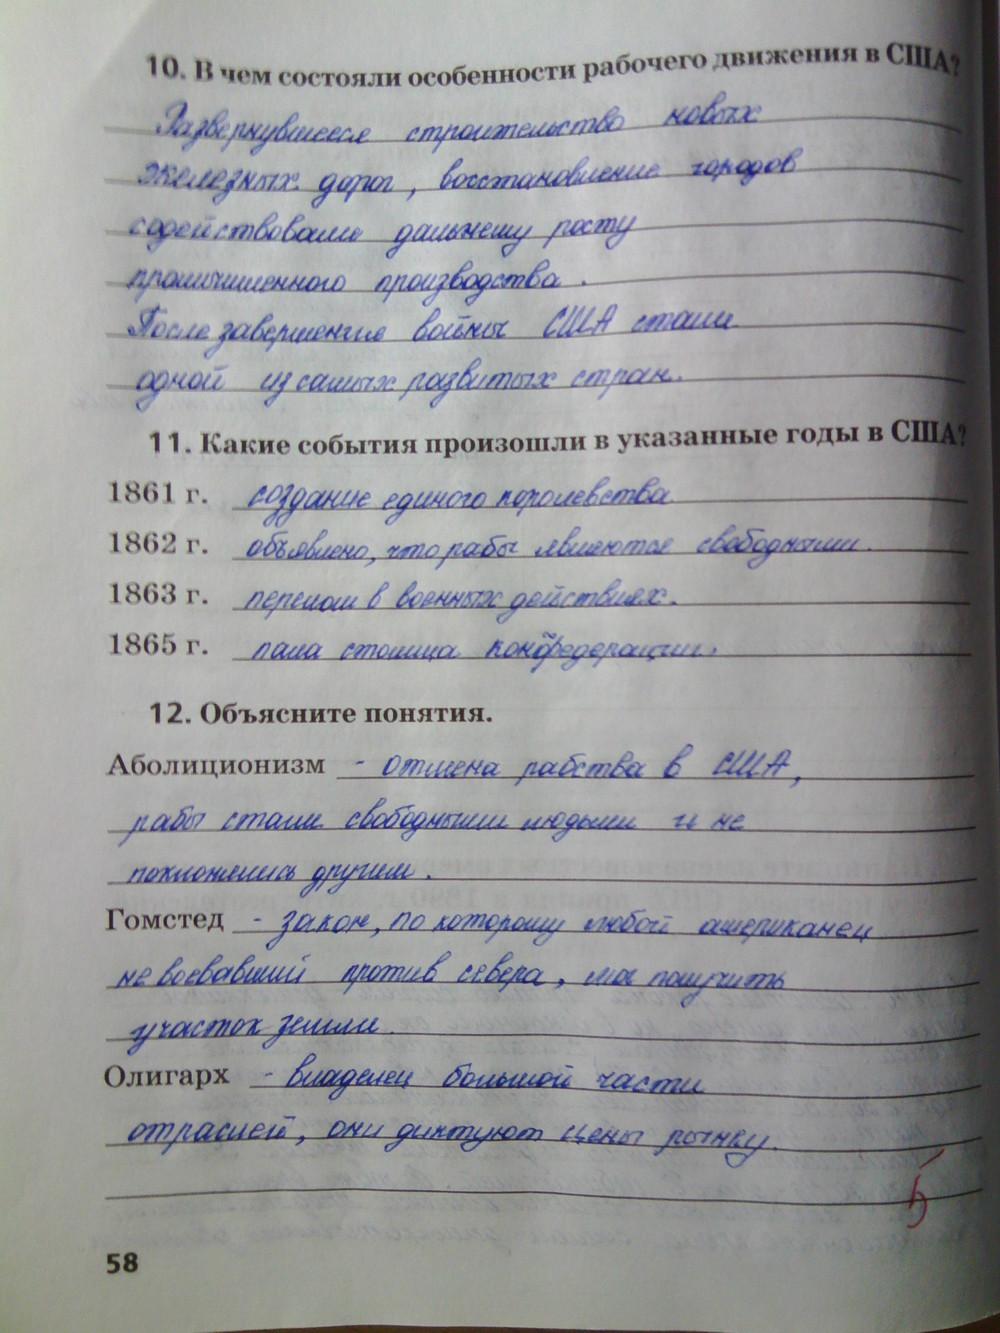 Гдз 8 класс история рабочая тетрадь к загладину